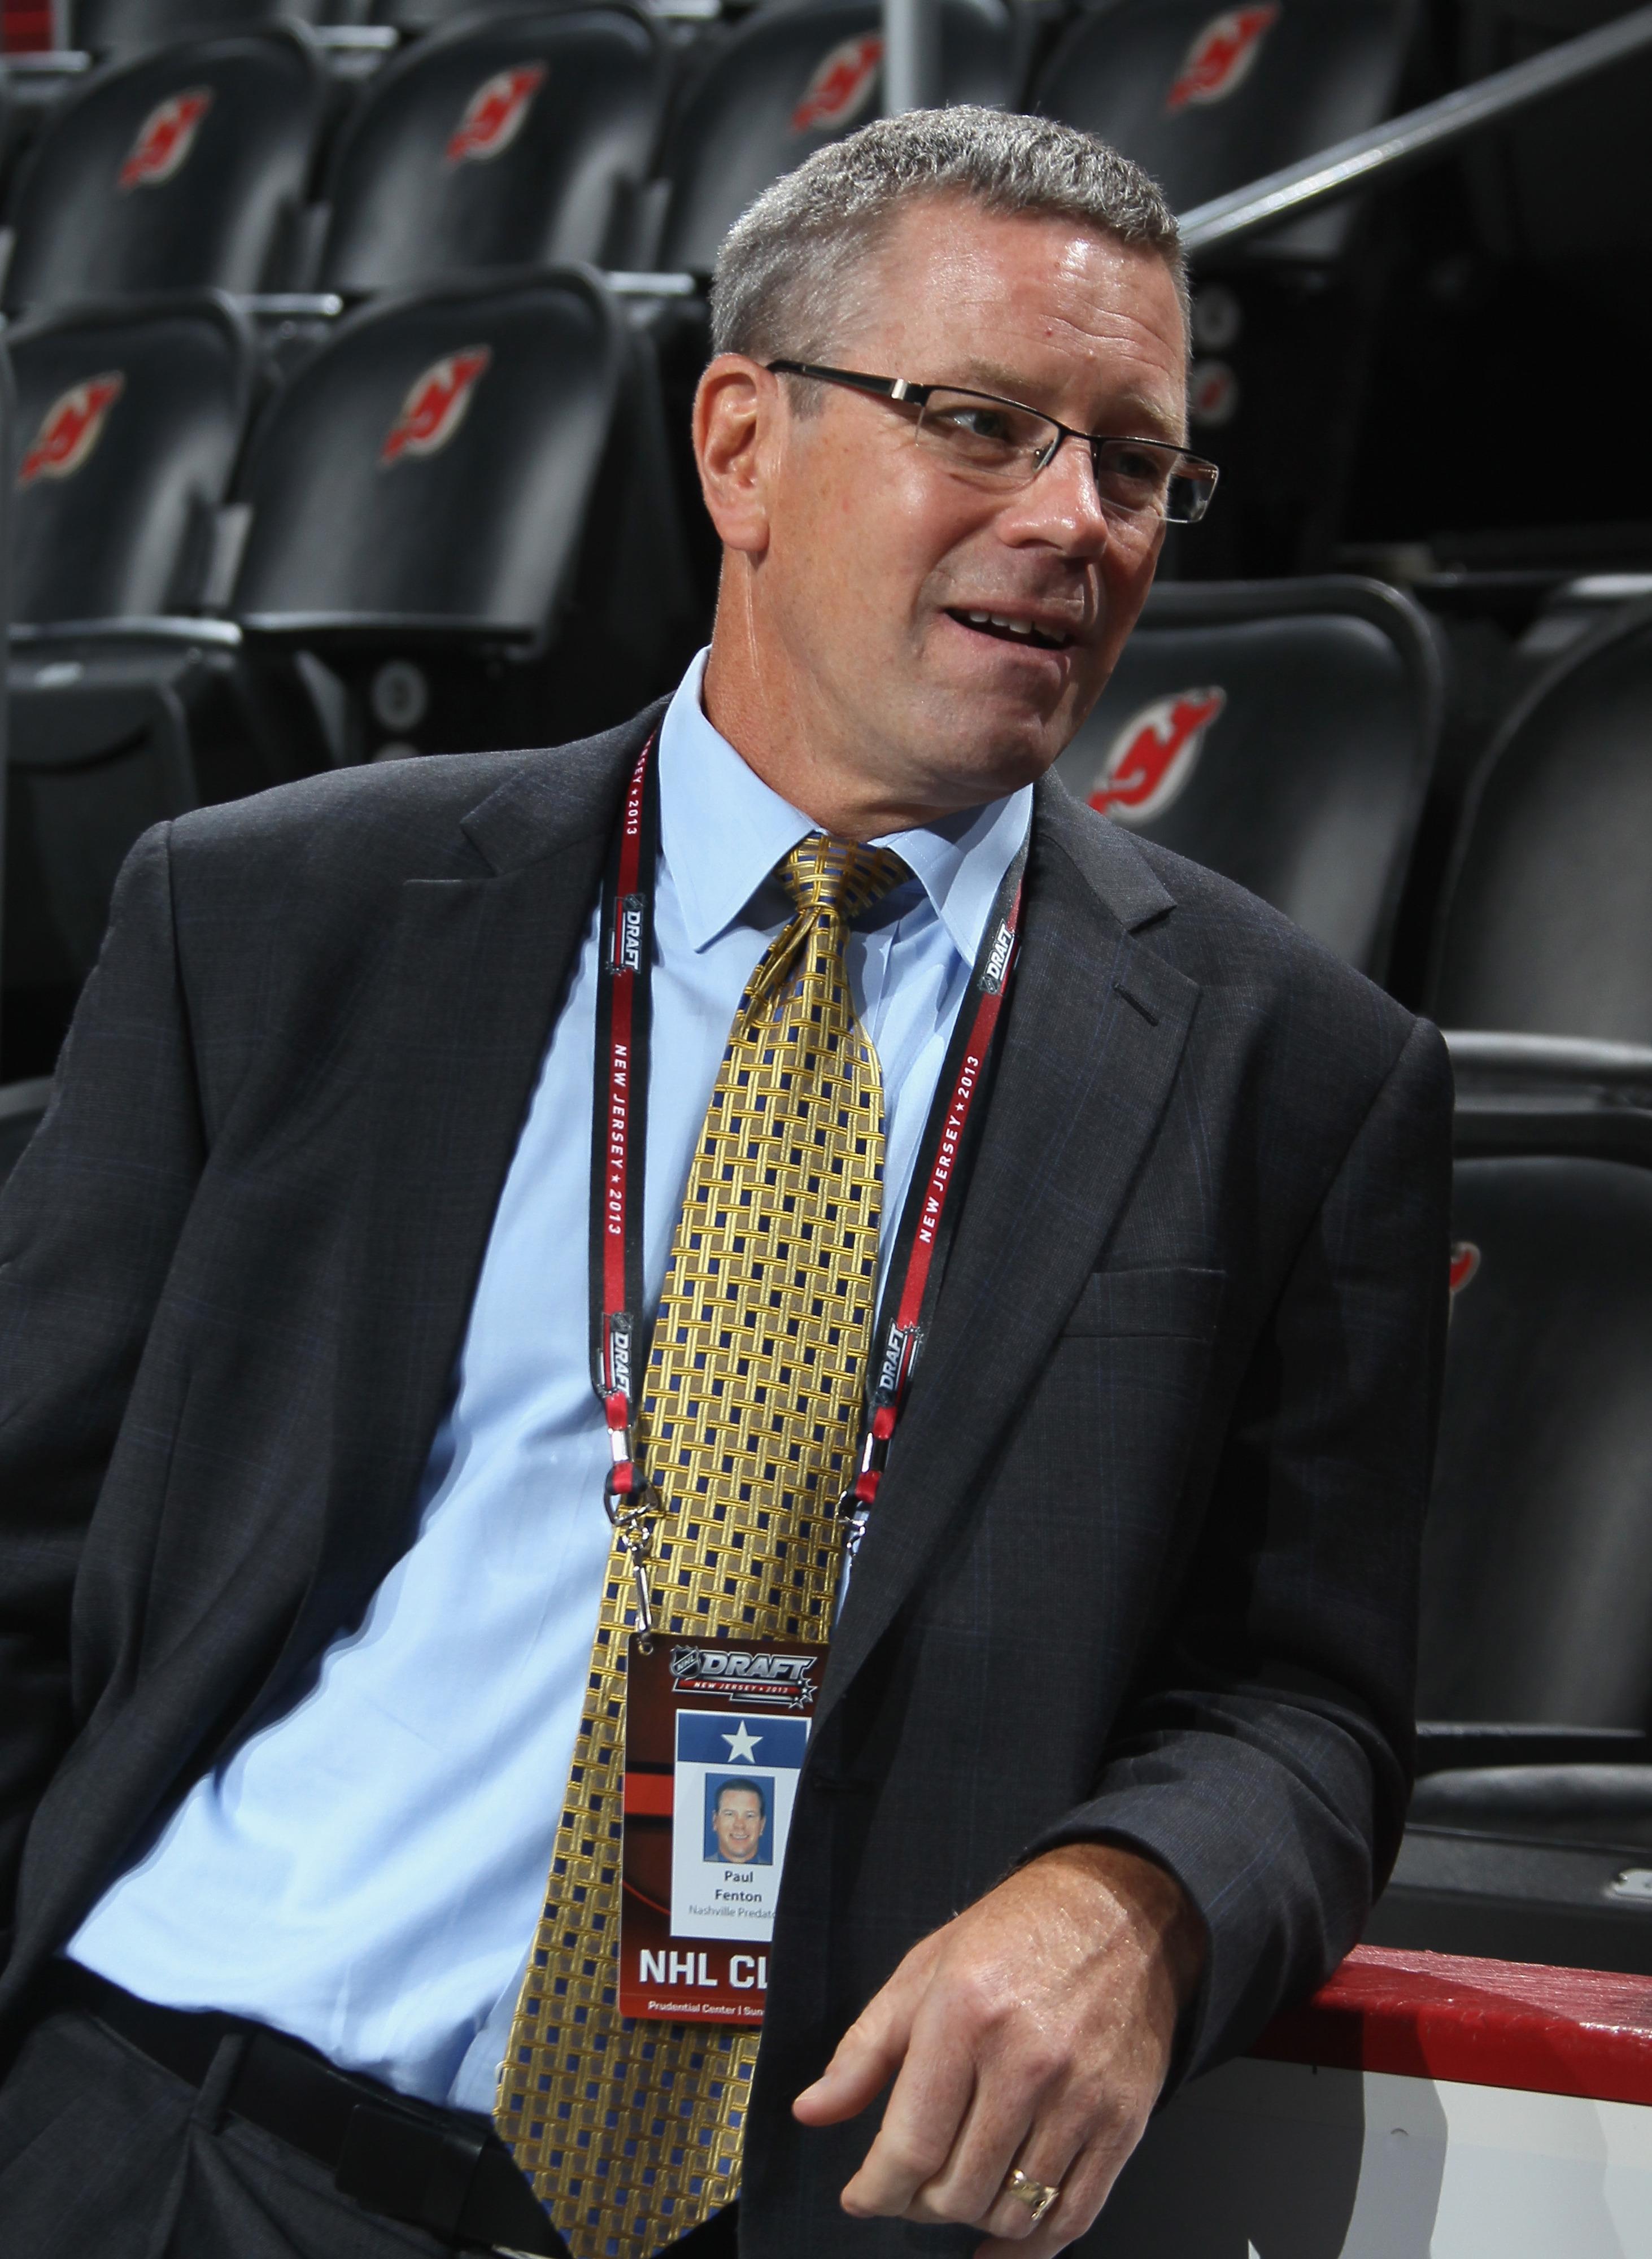 Nashville Predators assistant GM Paul Fenton.